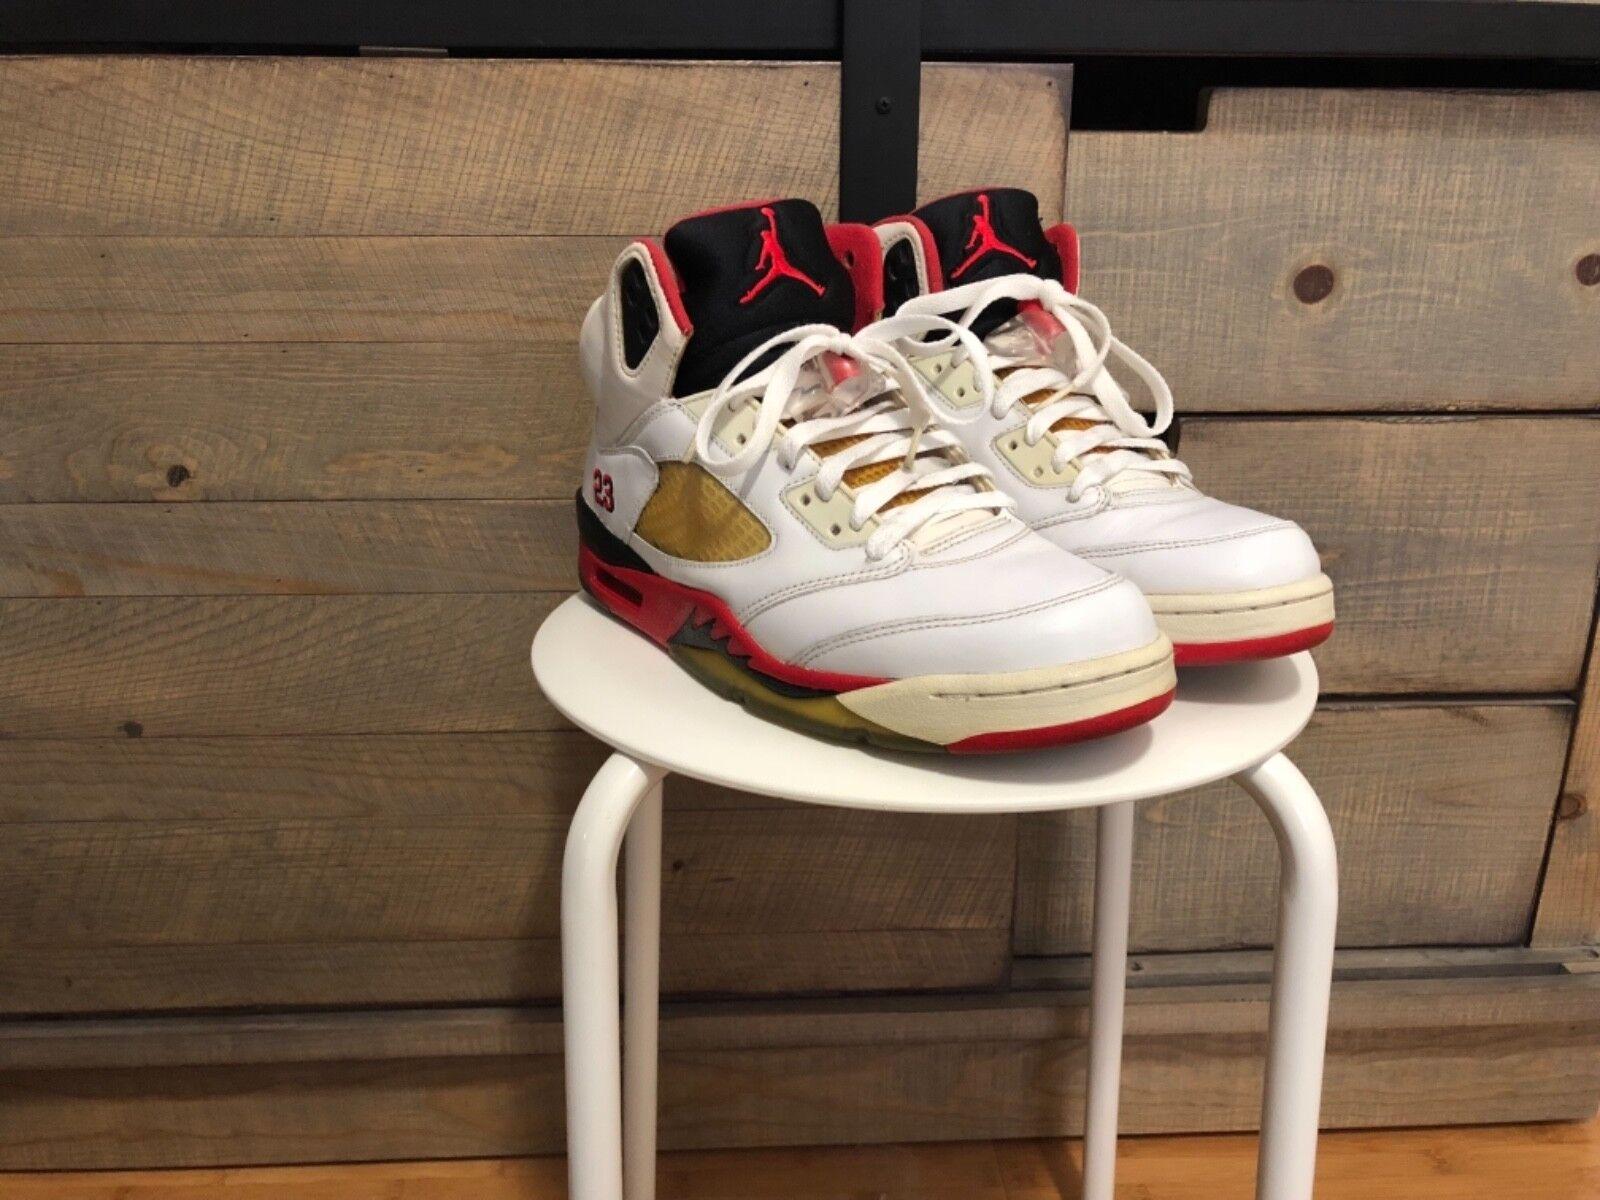 Nike Air Jordan V Vintage 5 Fire Red 8.5 Vintage V 2006 2b9ccc